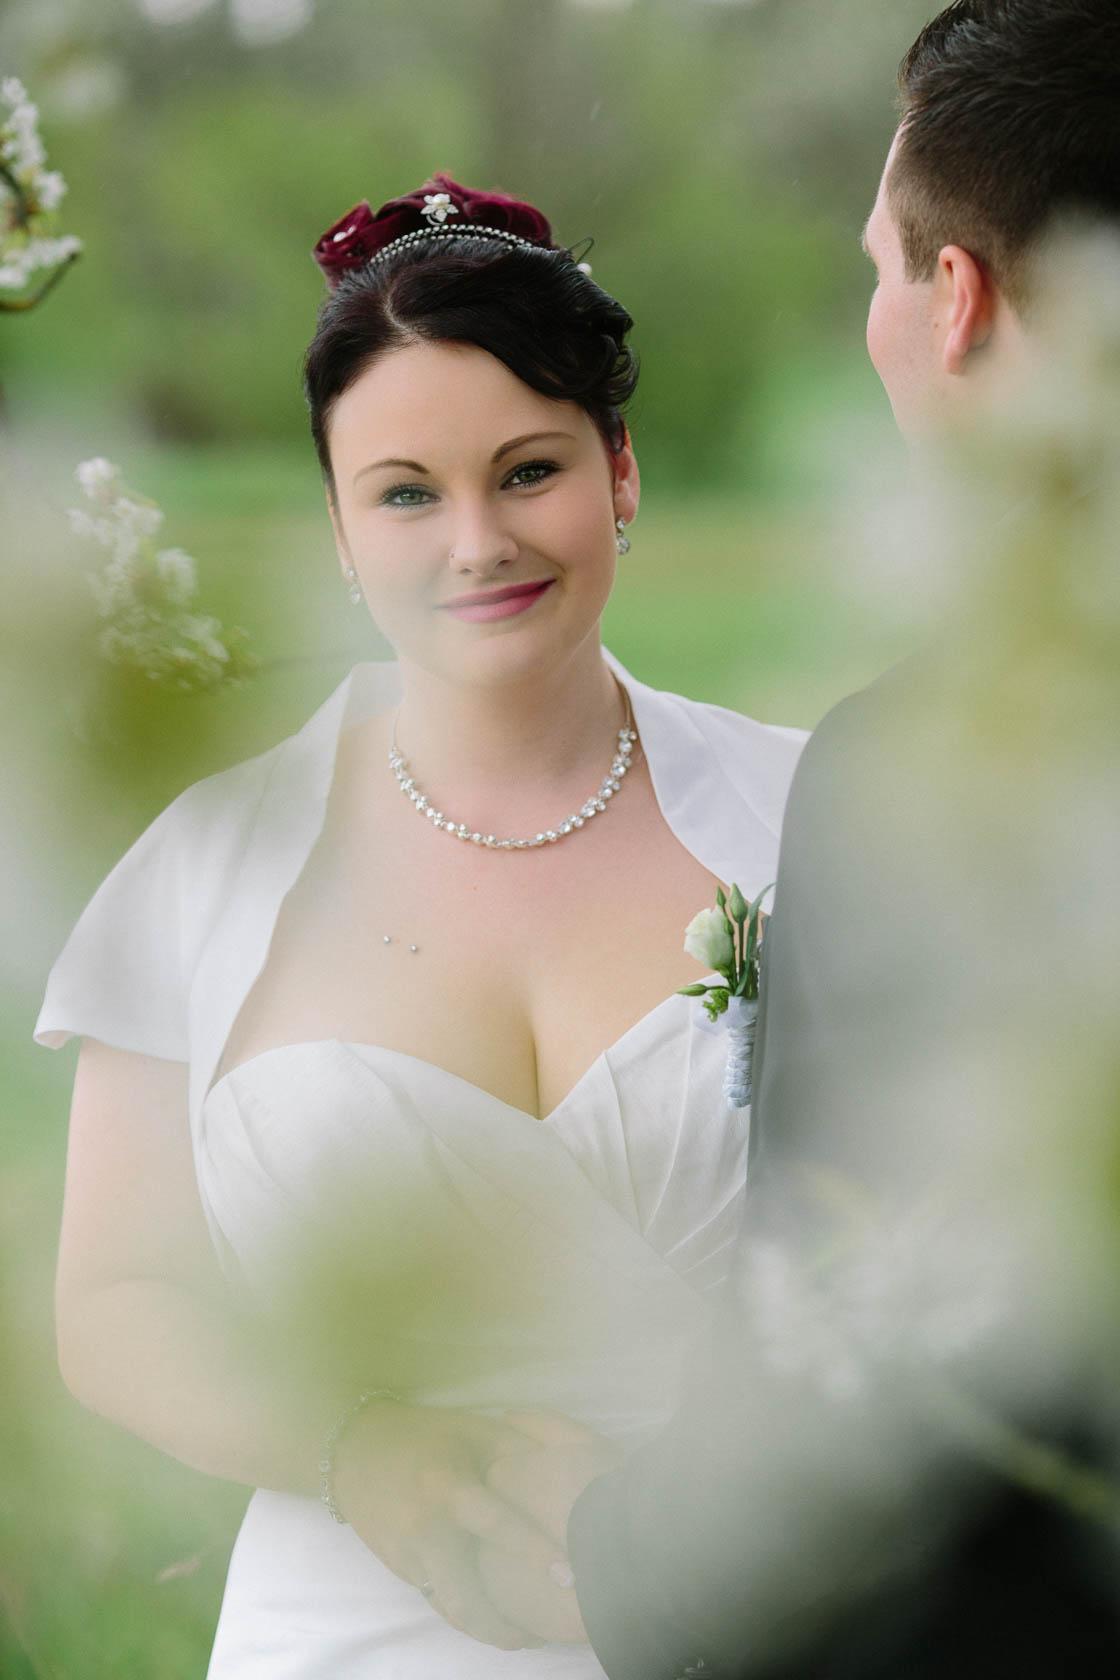 Brautpaar Shoot mit Kirschblüten Hochzeitsfotos mit Kirschblüten im Frühling